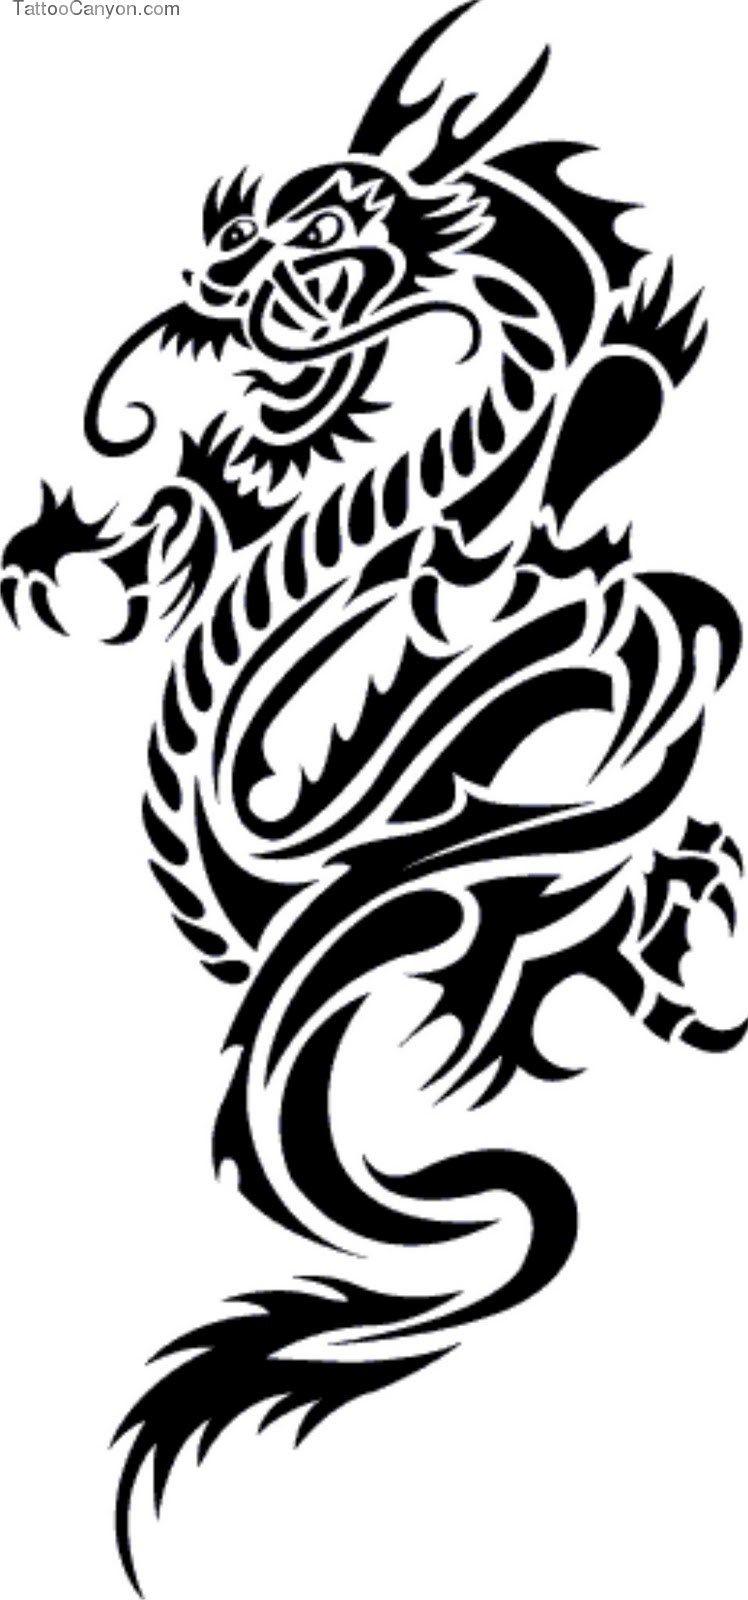 Free Download New Tattoos Dragon Tattoo Design Collection 3794 Picture 10750 Drachentattoo Drachen Tattoo Designs Japanische Drachen Tattoos